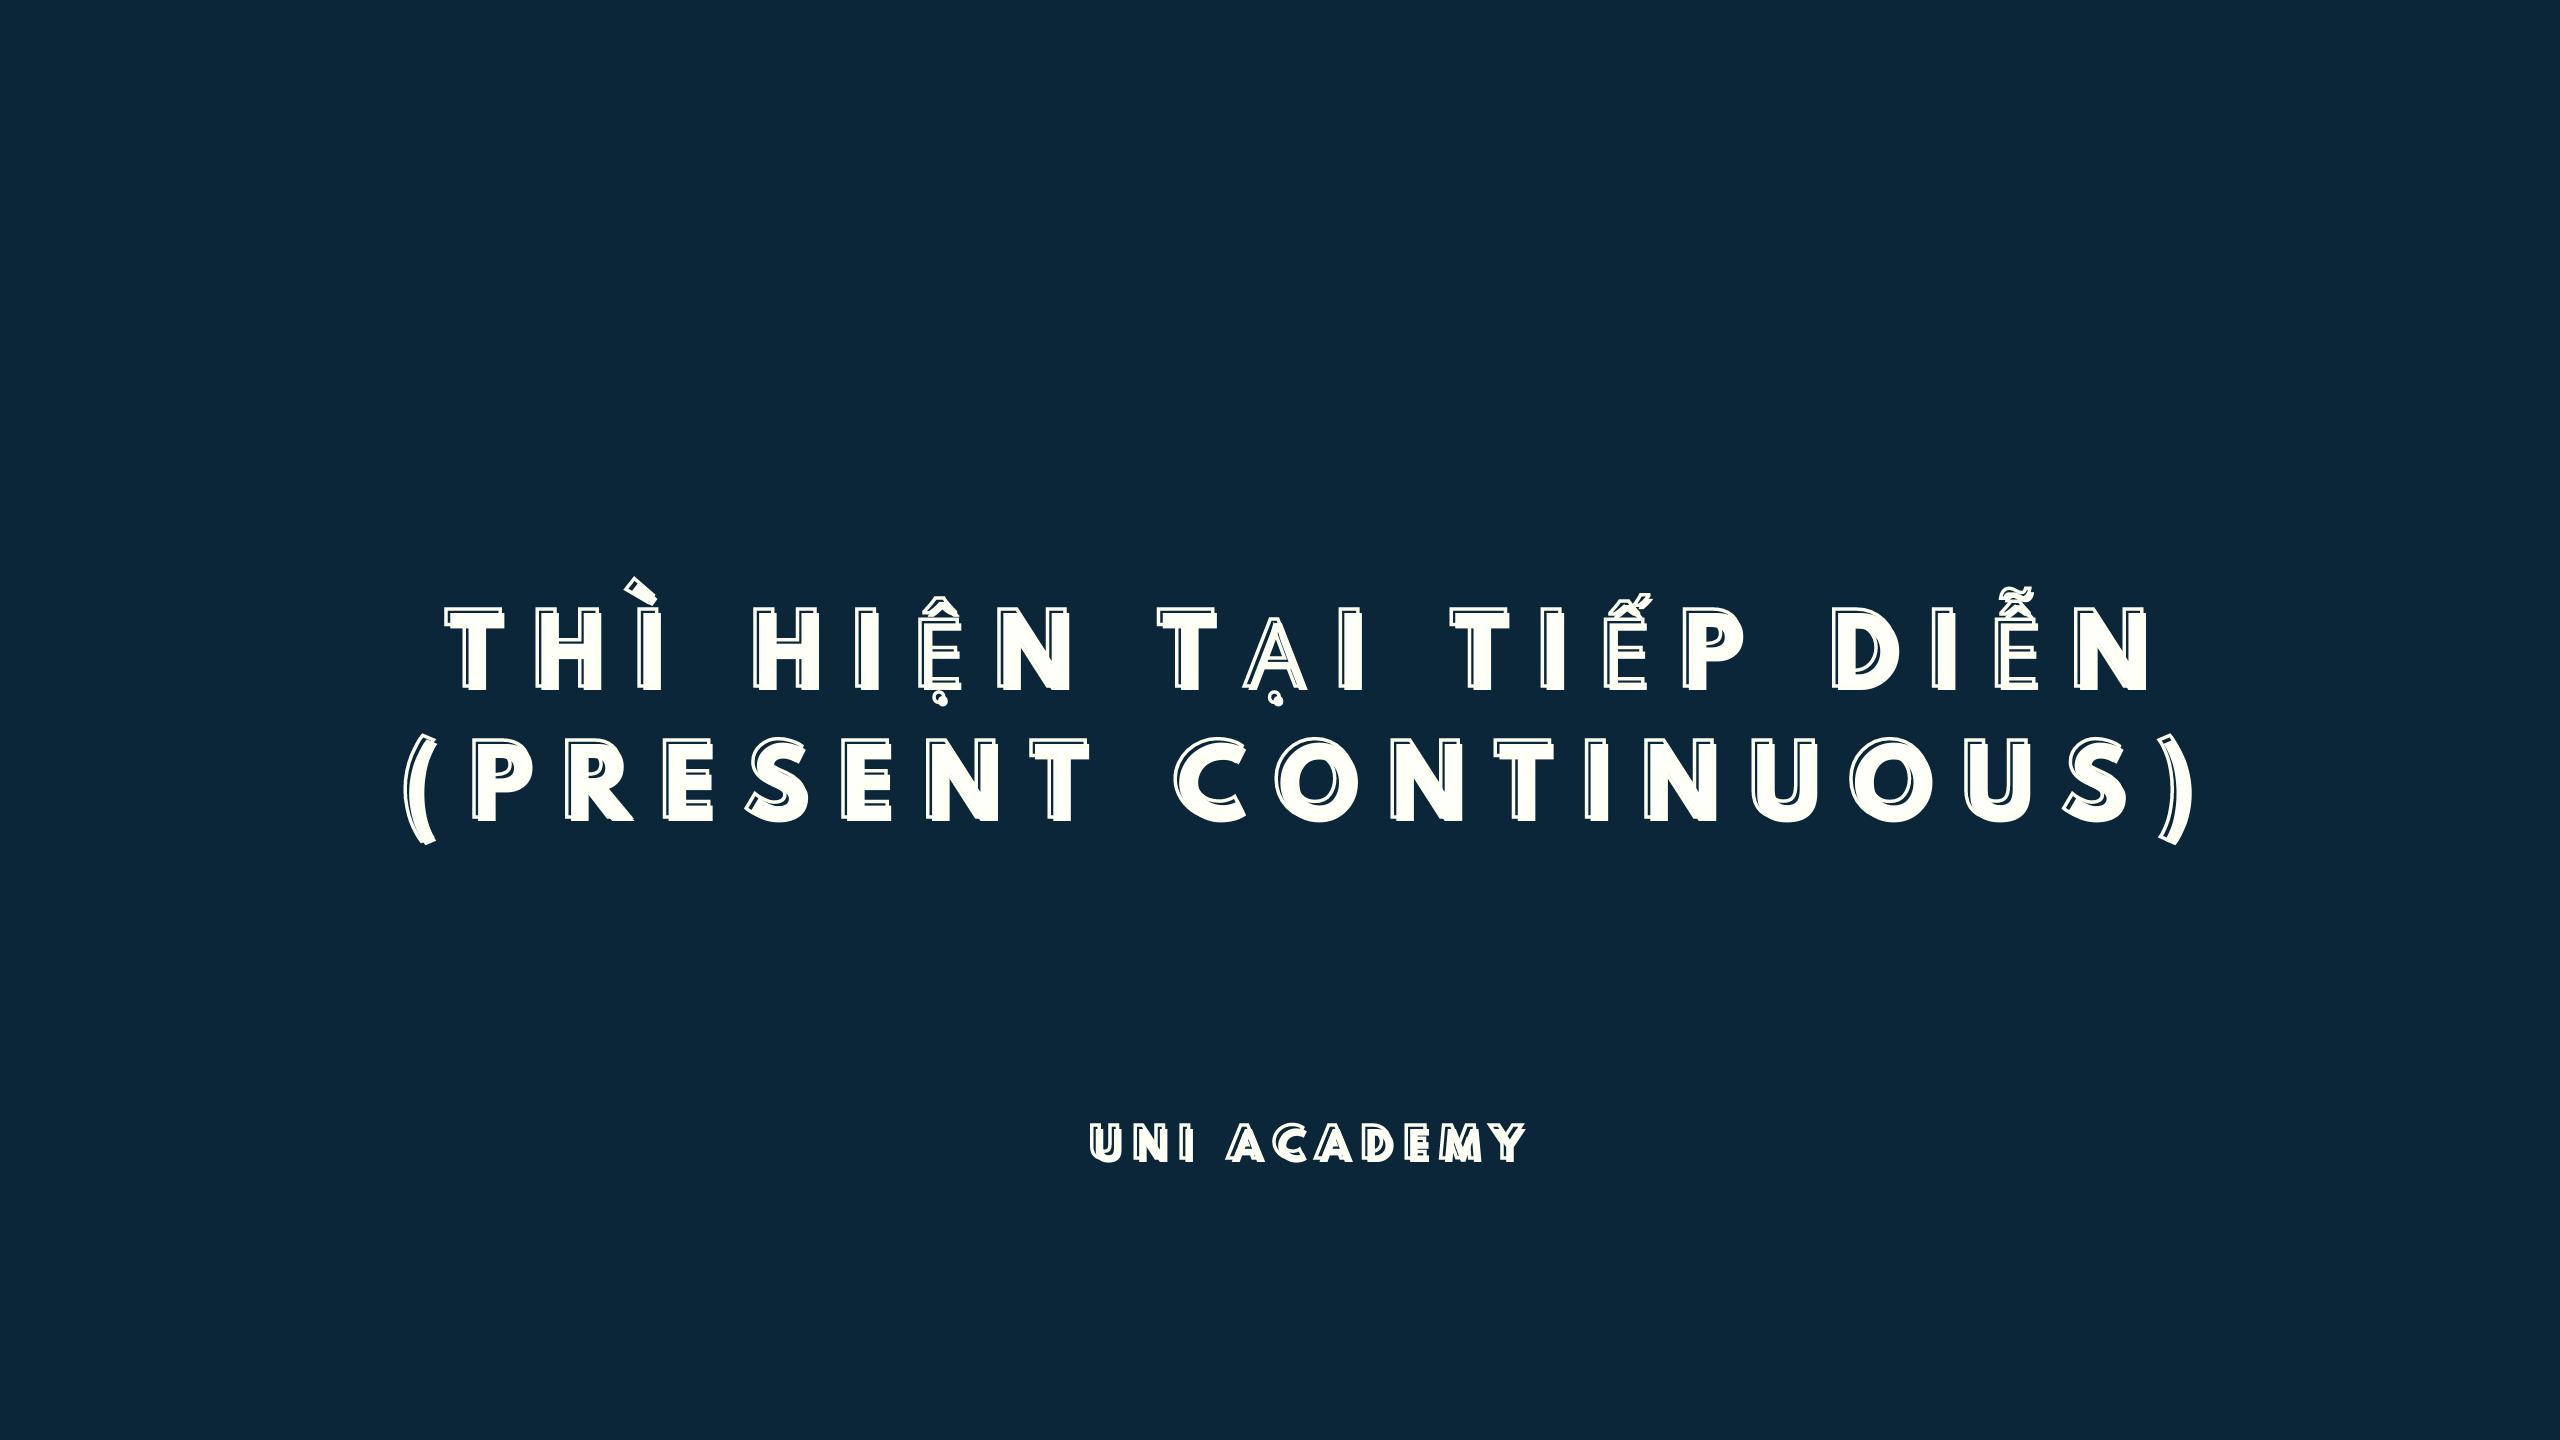 Thì hiện tại tiếp diễn (Present Continuous) trong tiếng Anh